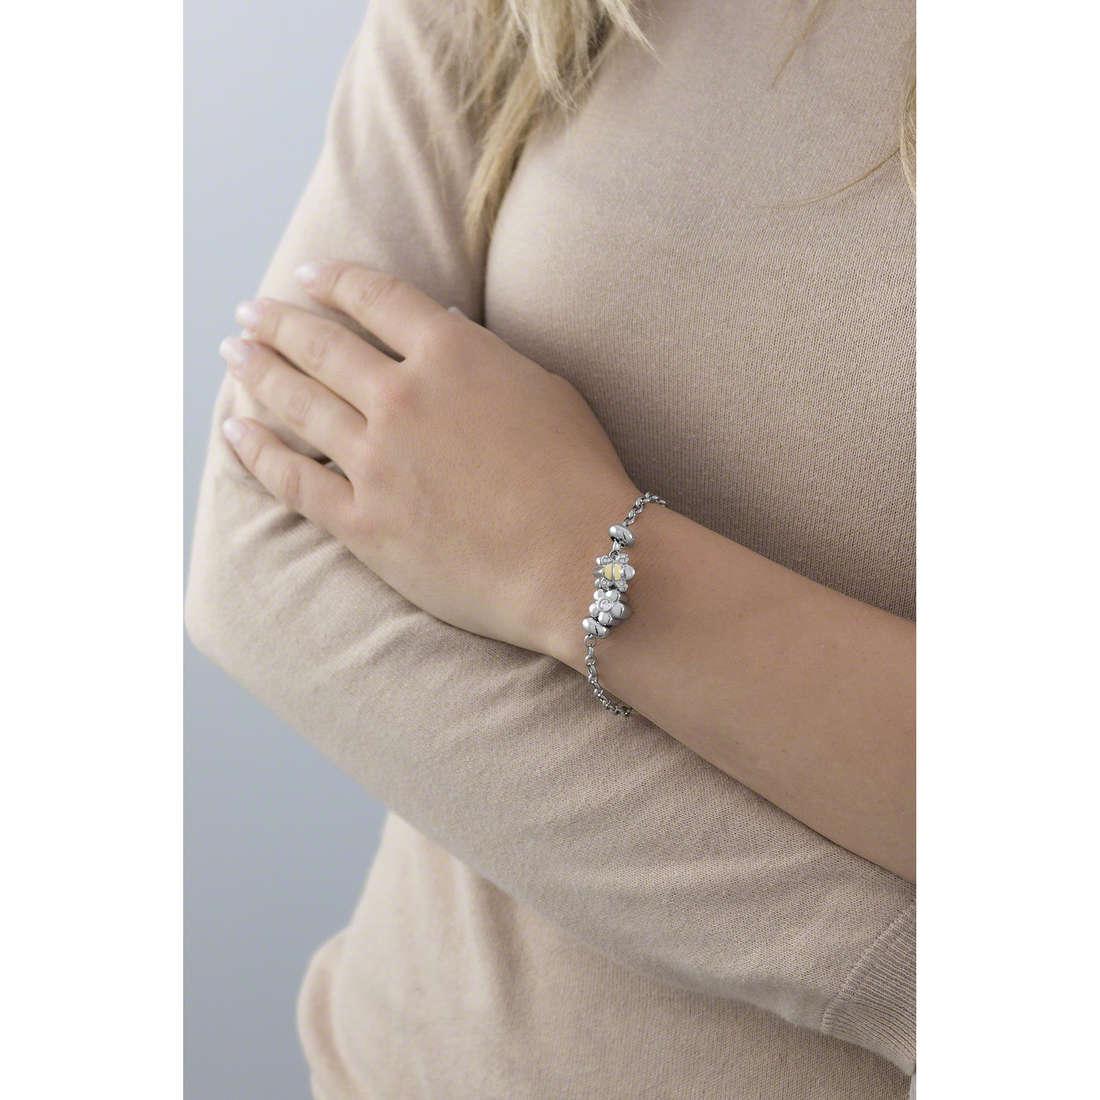 Morellato bracciali Drops donna SCZ453 indosso